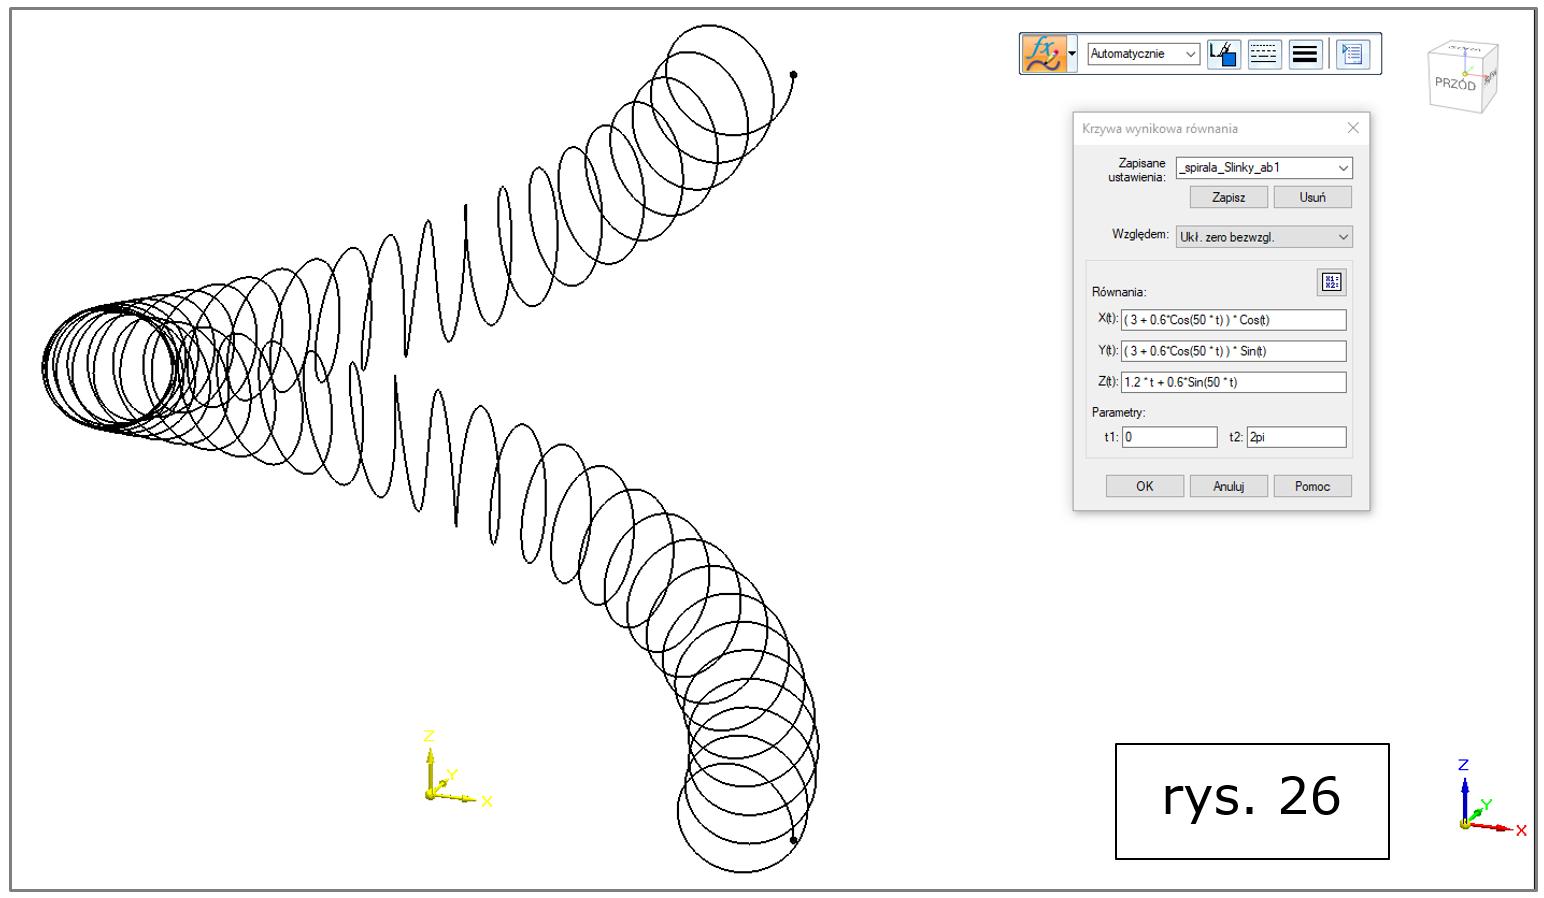 krzywa wynikowa równania, spirala Slinky Solid Edge 2022